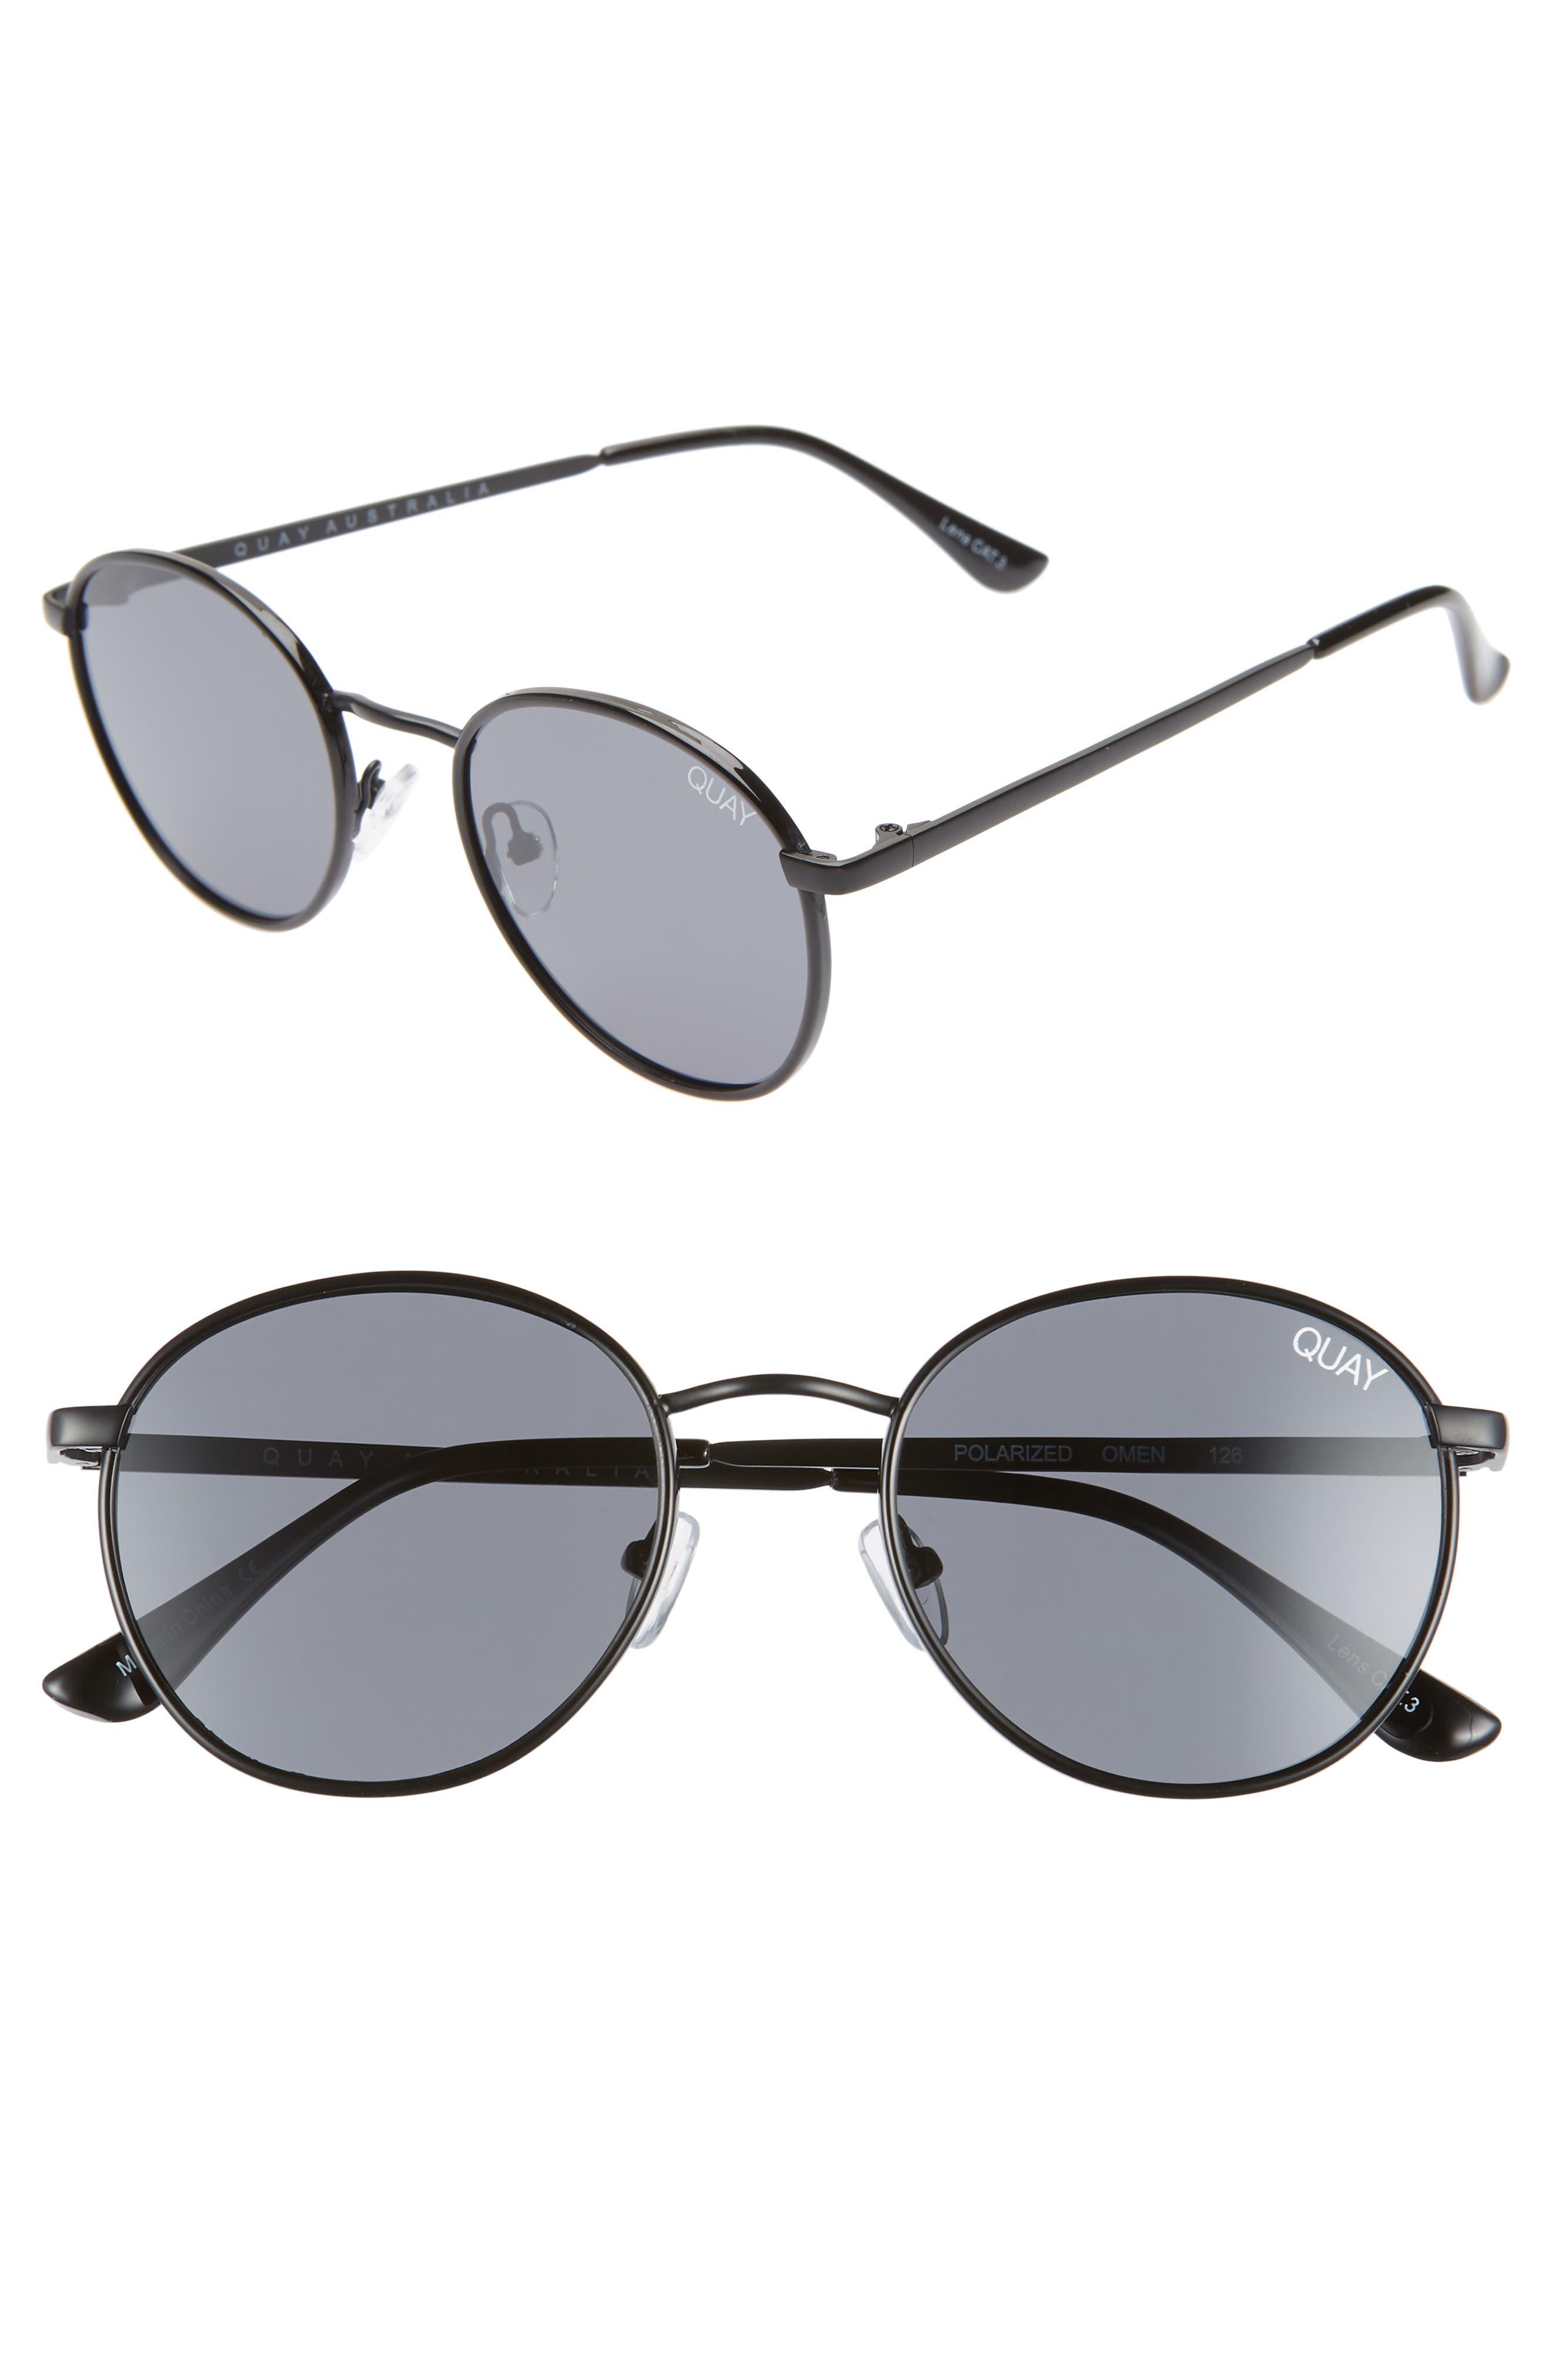 Quay Australia Omen 4m Sunglasses - Black/ Smoke